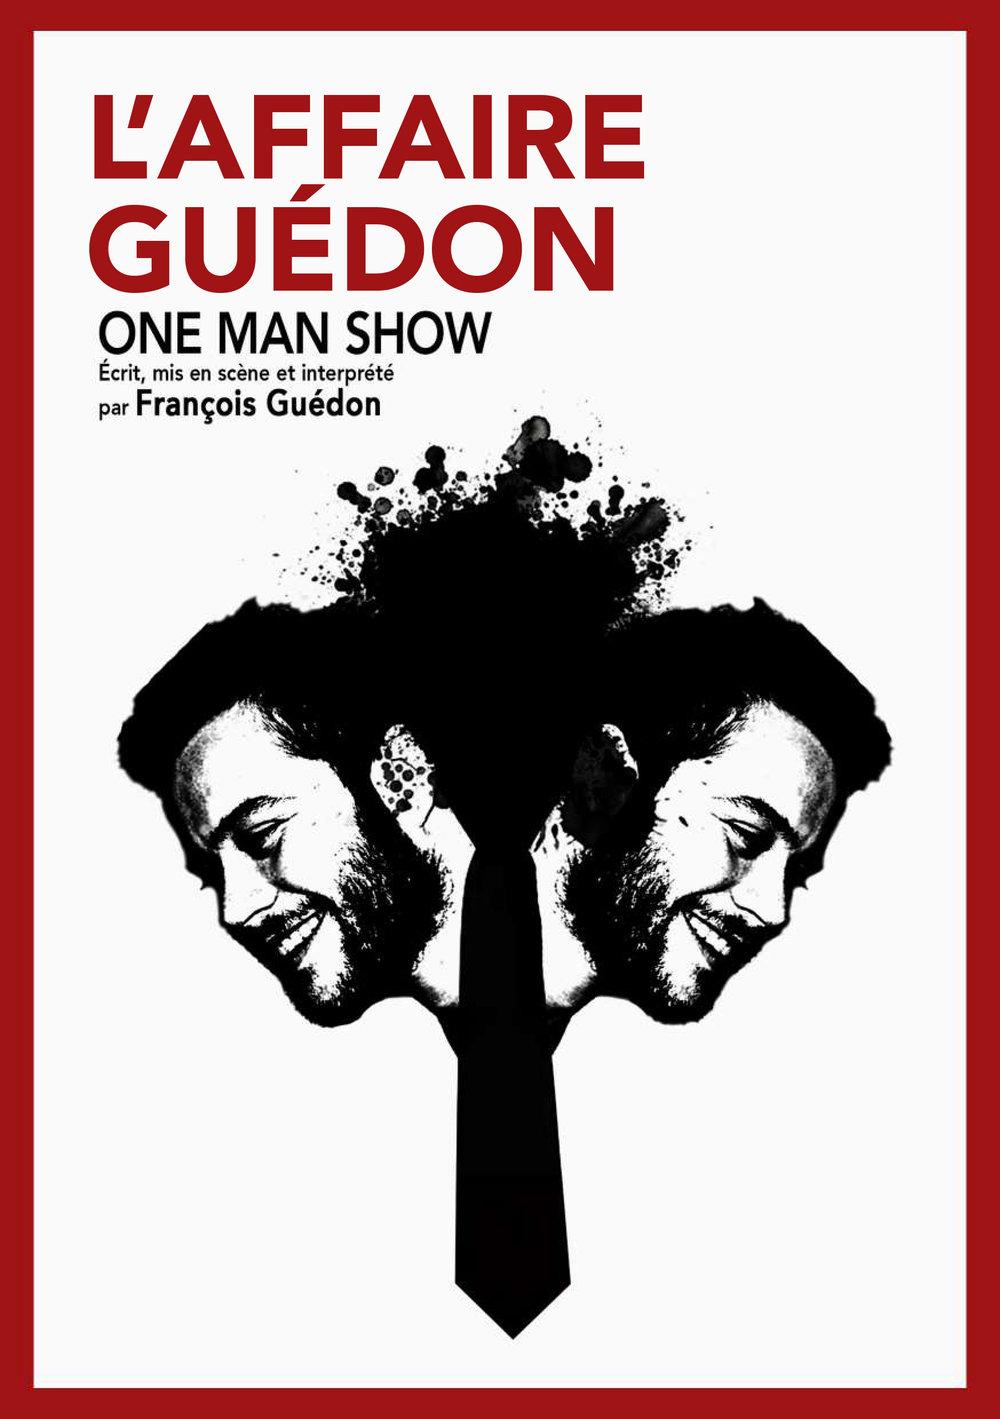 François Guédon affiche de spectacle.jpg